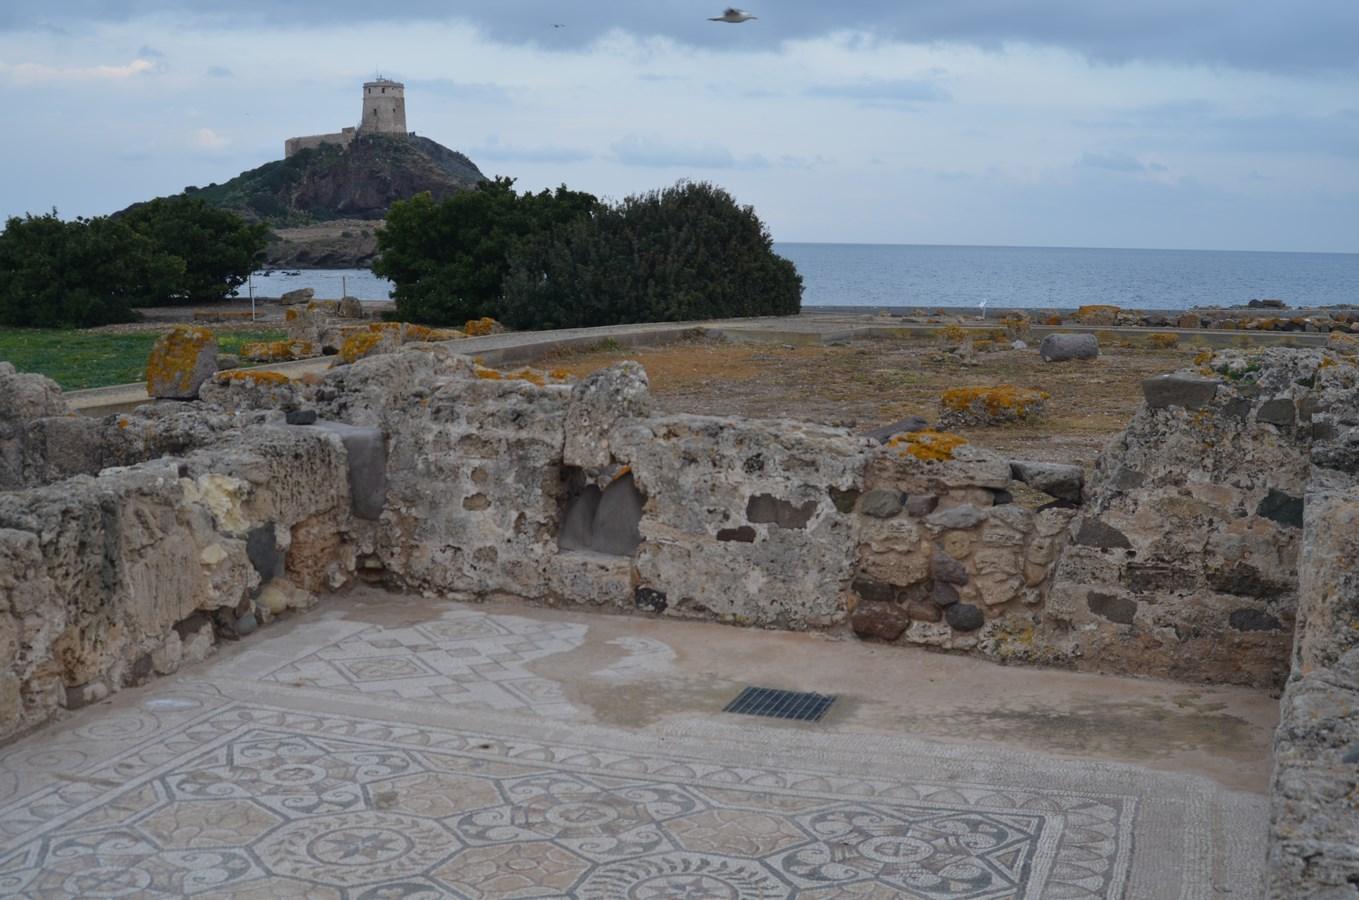 Nora, Phönizisch-römische Ausgrabungsstätte